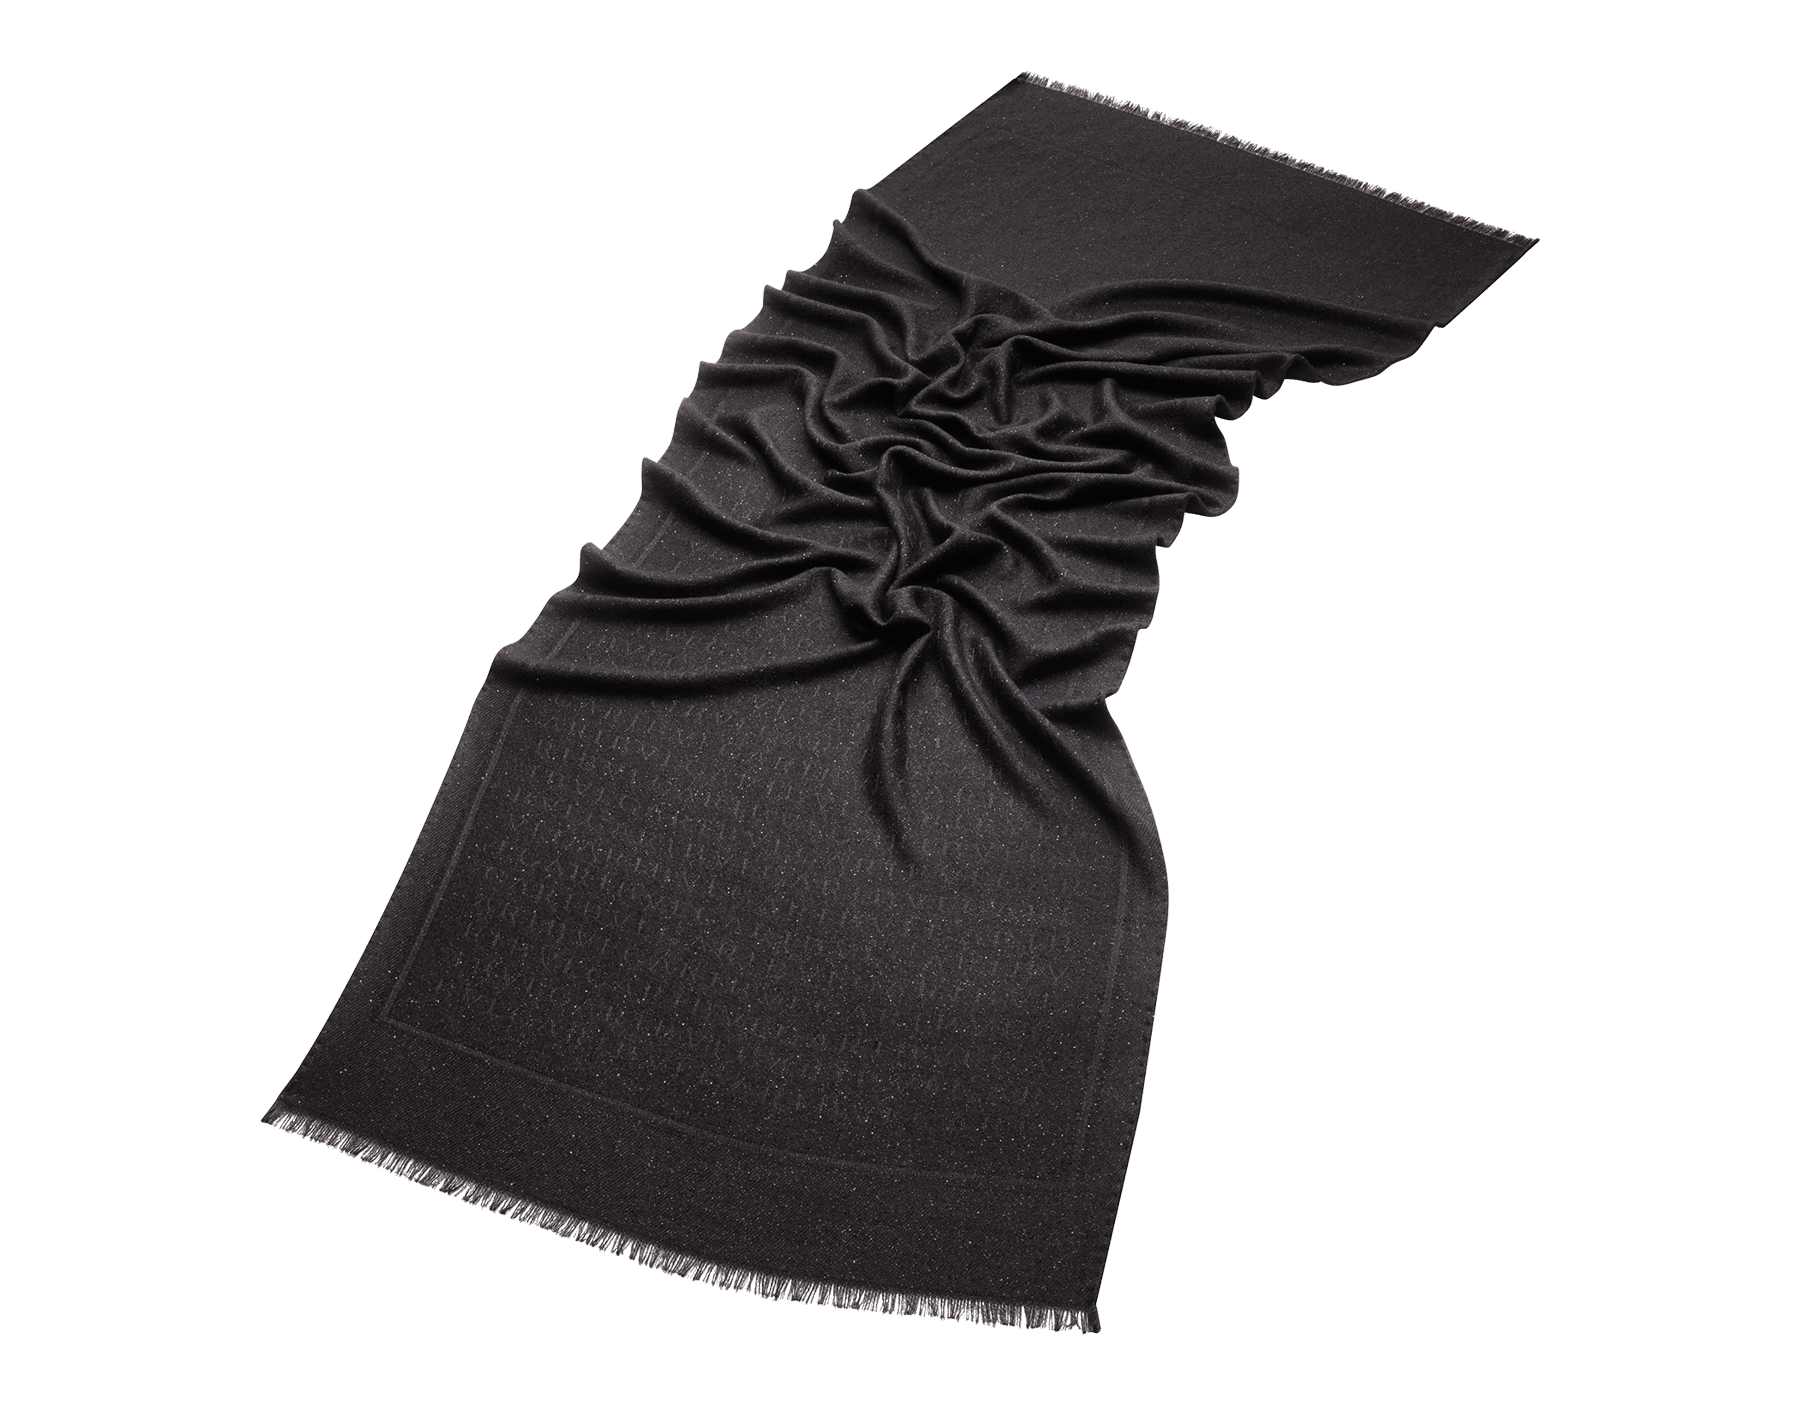 """Schwarze Stola """"Lettere Paillettes"""" aus feinem Kaschmir. 243967 image 1"""